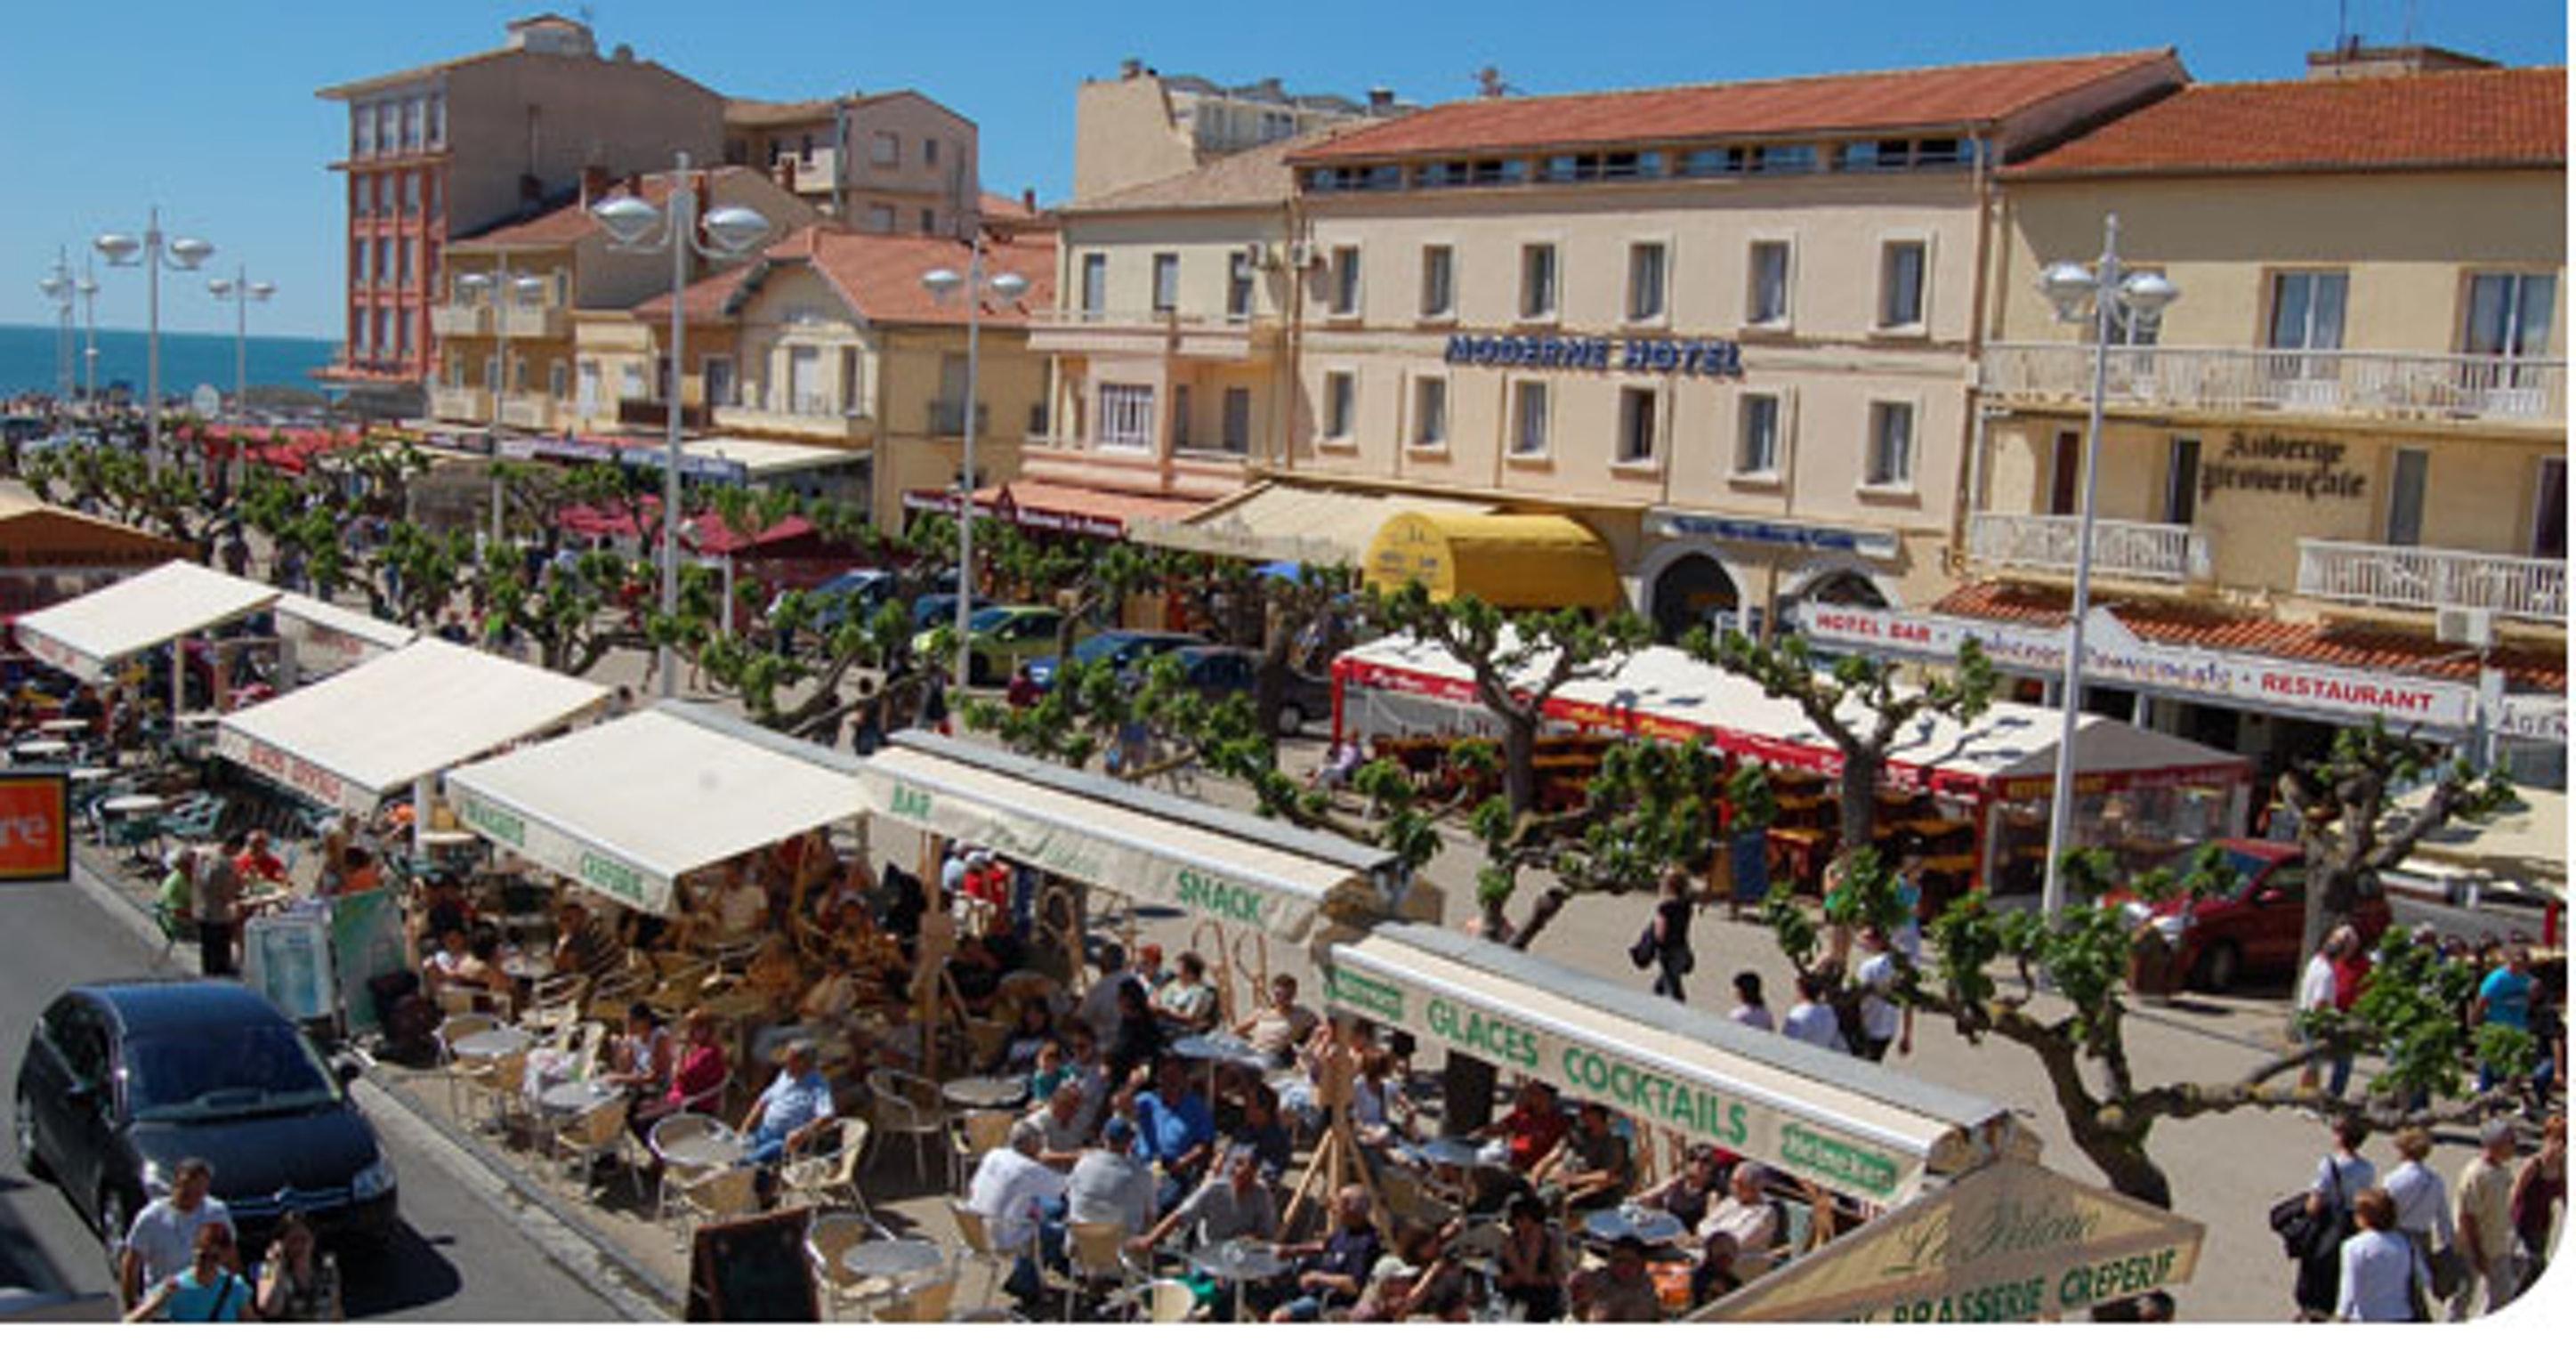 Ferienhaus Villa mit 2 Zimmern in Valras-Plage mit Pool und eingezäuntem Garten - 50 m vom Strand ent (2218190), Valras Plage, Mittelmeerküste Hérault, Languedoc-Roussillon, Frankreich, Bild 23